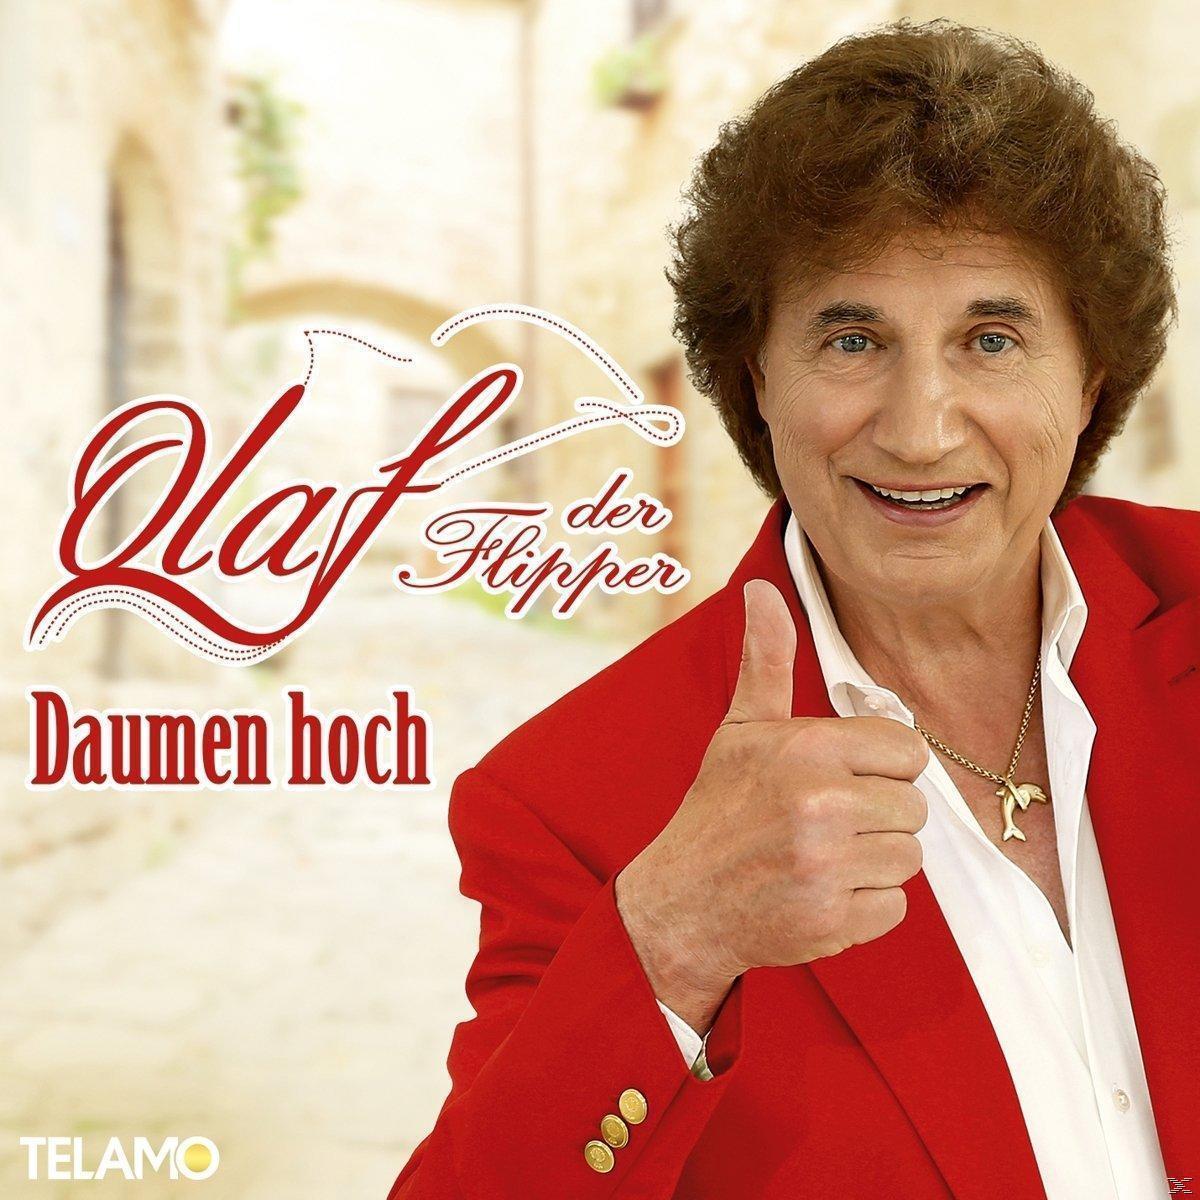 Daumen hoch (Olaf) für 17,99 Euro